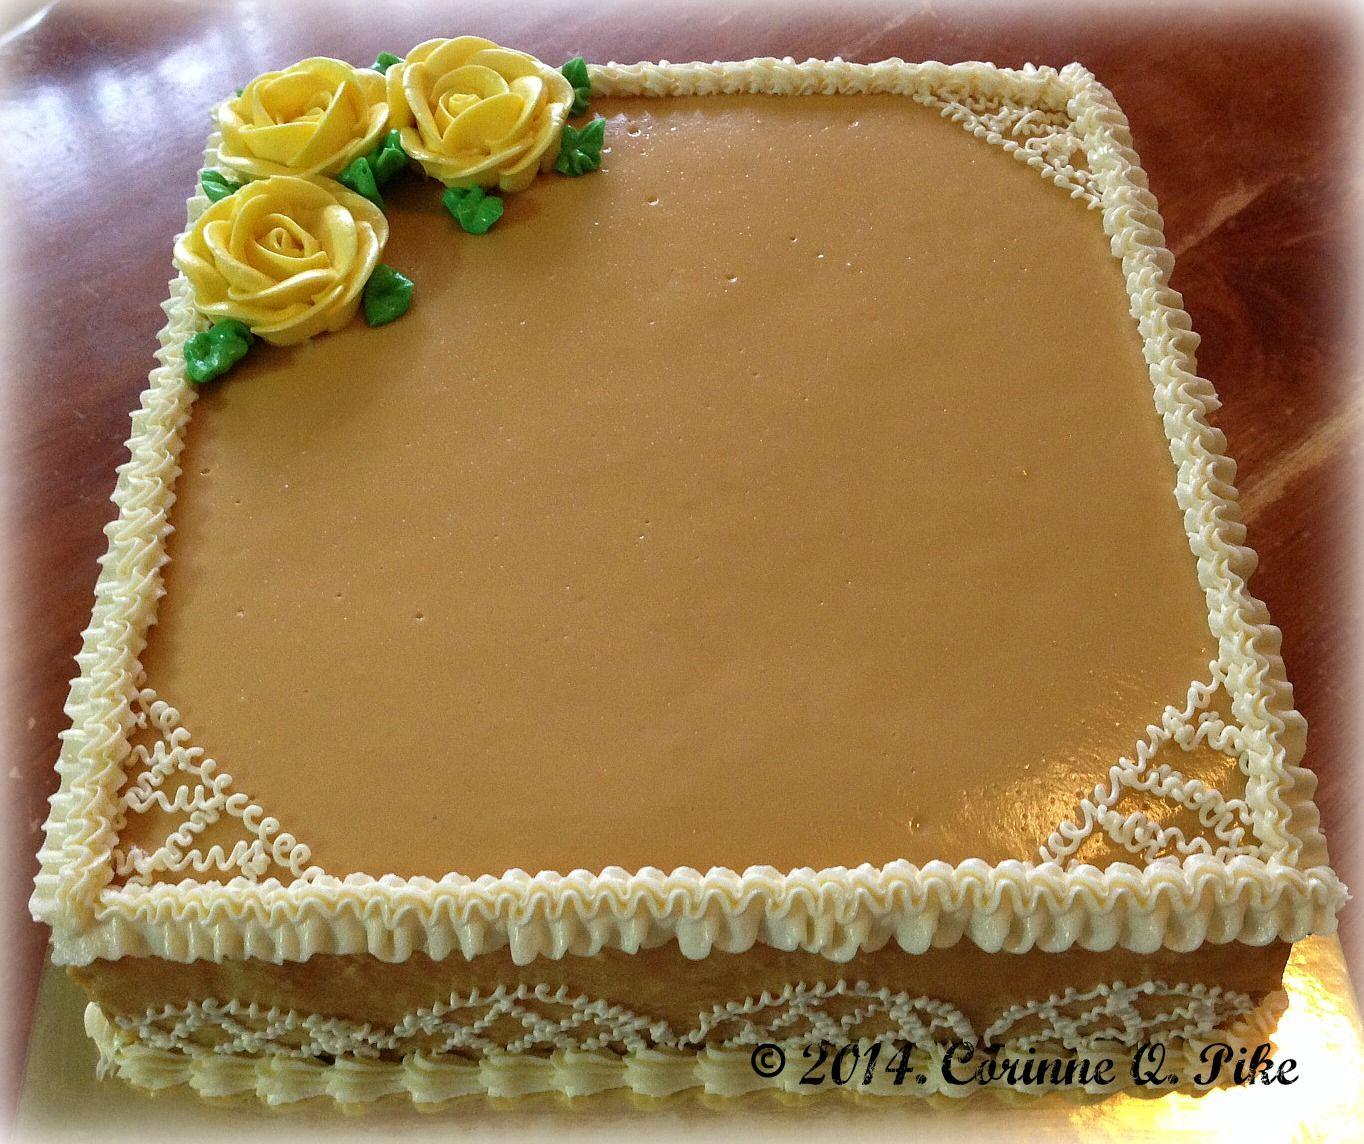 Best caramel cake icing recipe